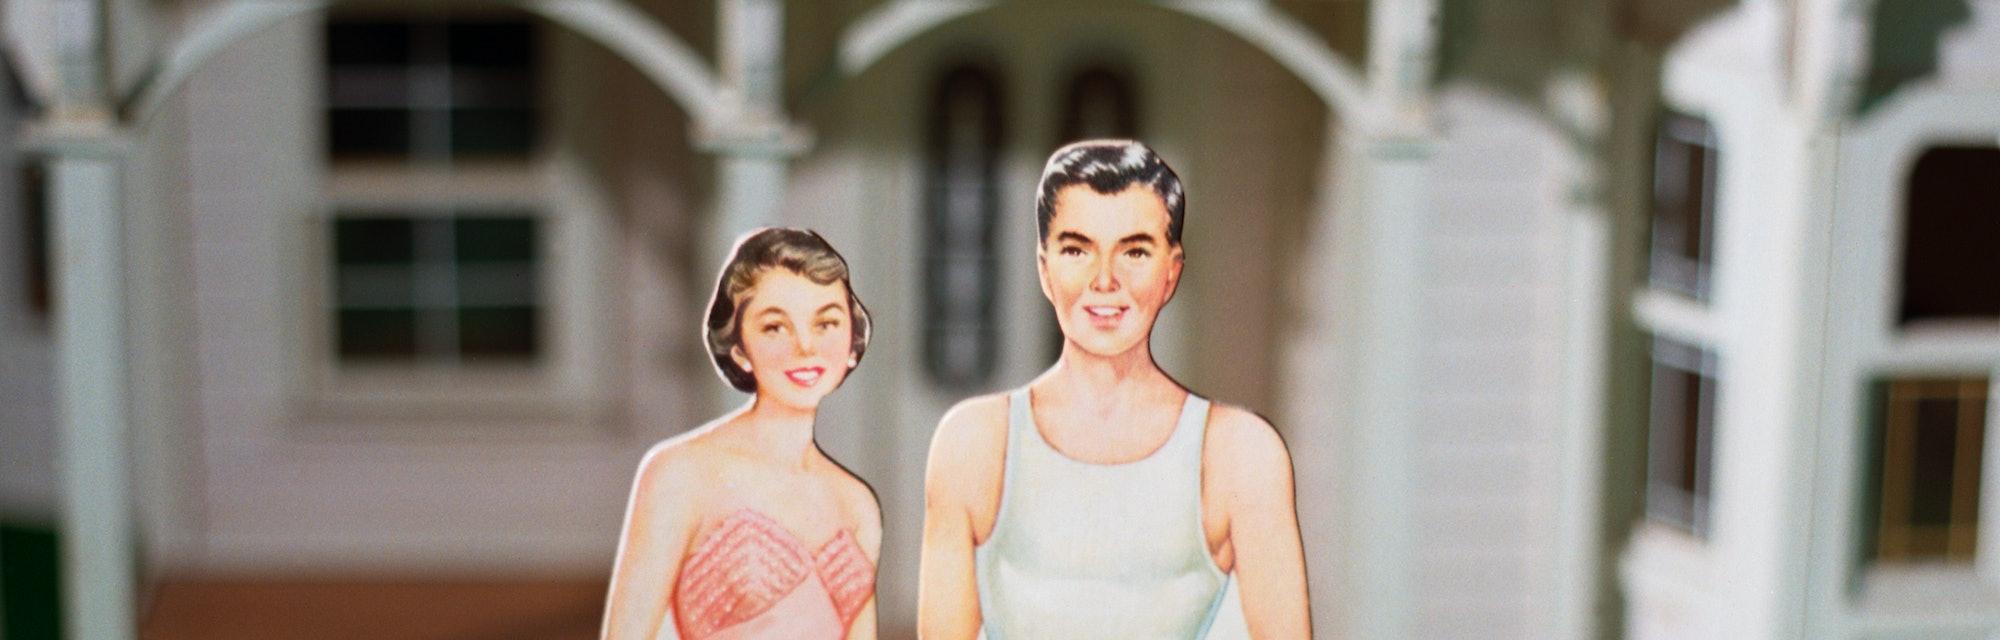 paper doll parents